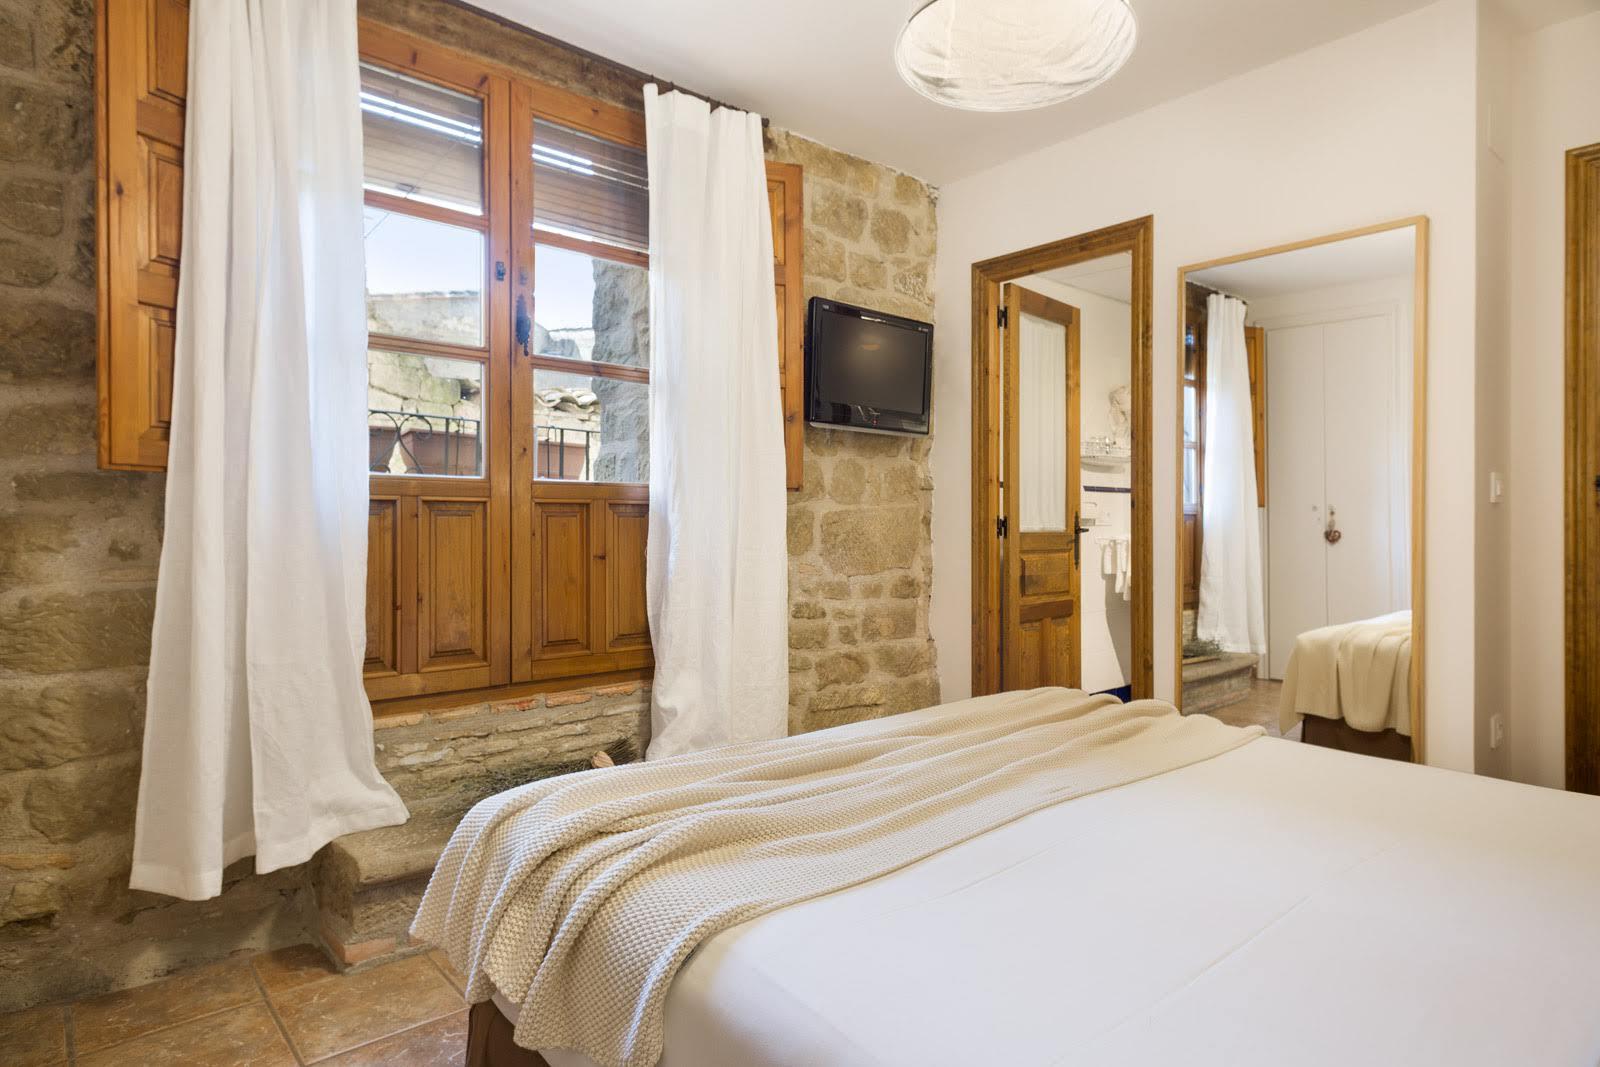 Hotel boutique romántico en el Pre Pirineo